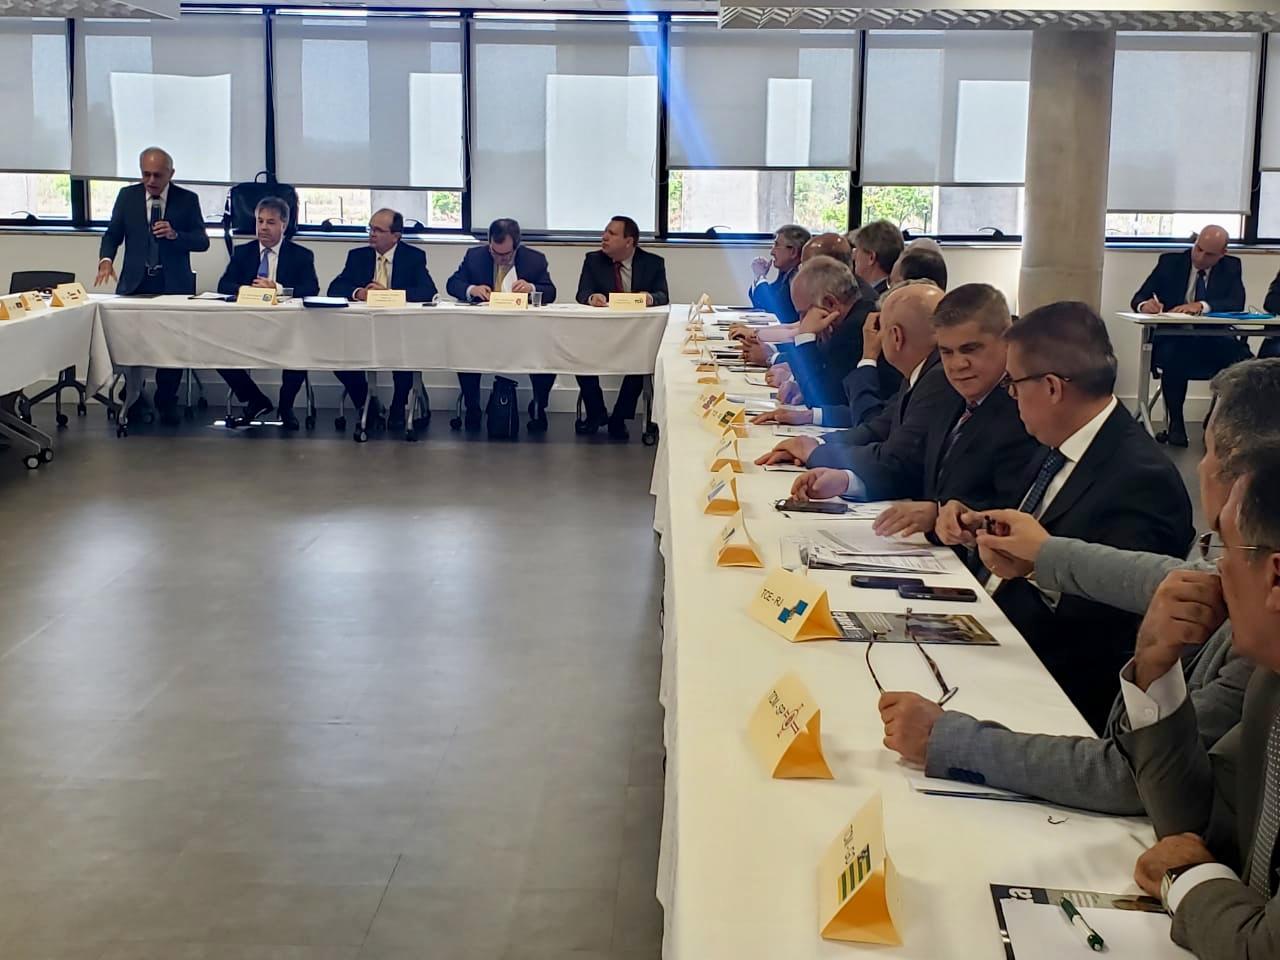 Conselheiro Waldir Neves, juntamente com os conselheiros, Iran Coelho das Neves, corregedor geral, e Marcio Monteiro, participaram, na tarde desta segunda-feira, dia 24 de setembro da Assembleia Geral do Instituto Rui Barbosa